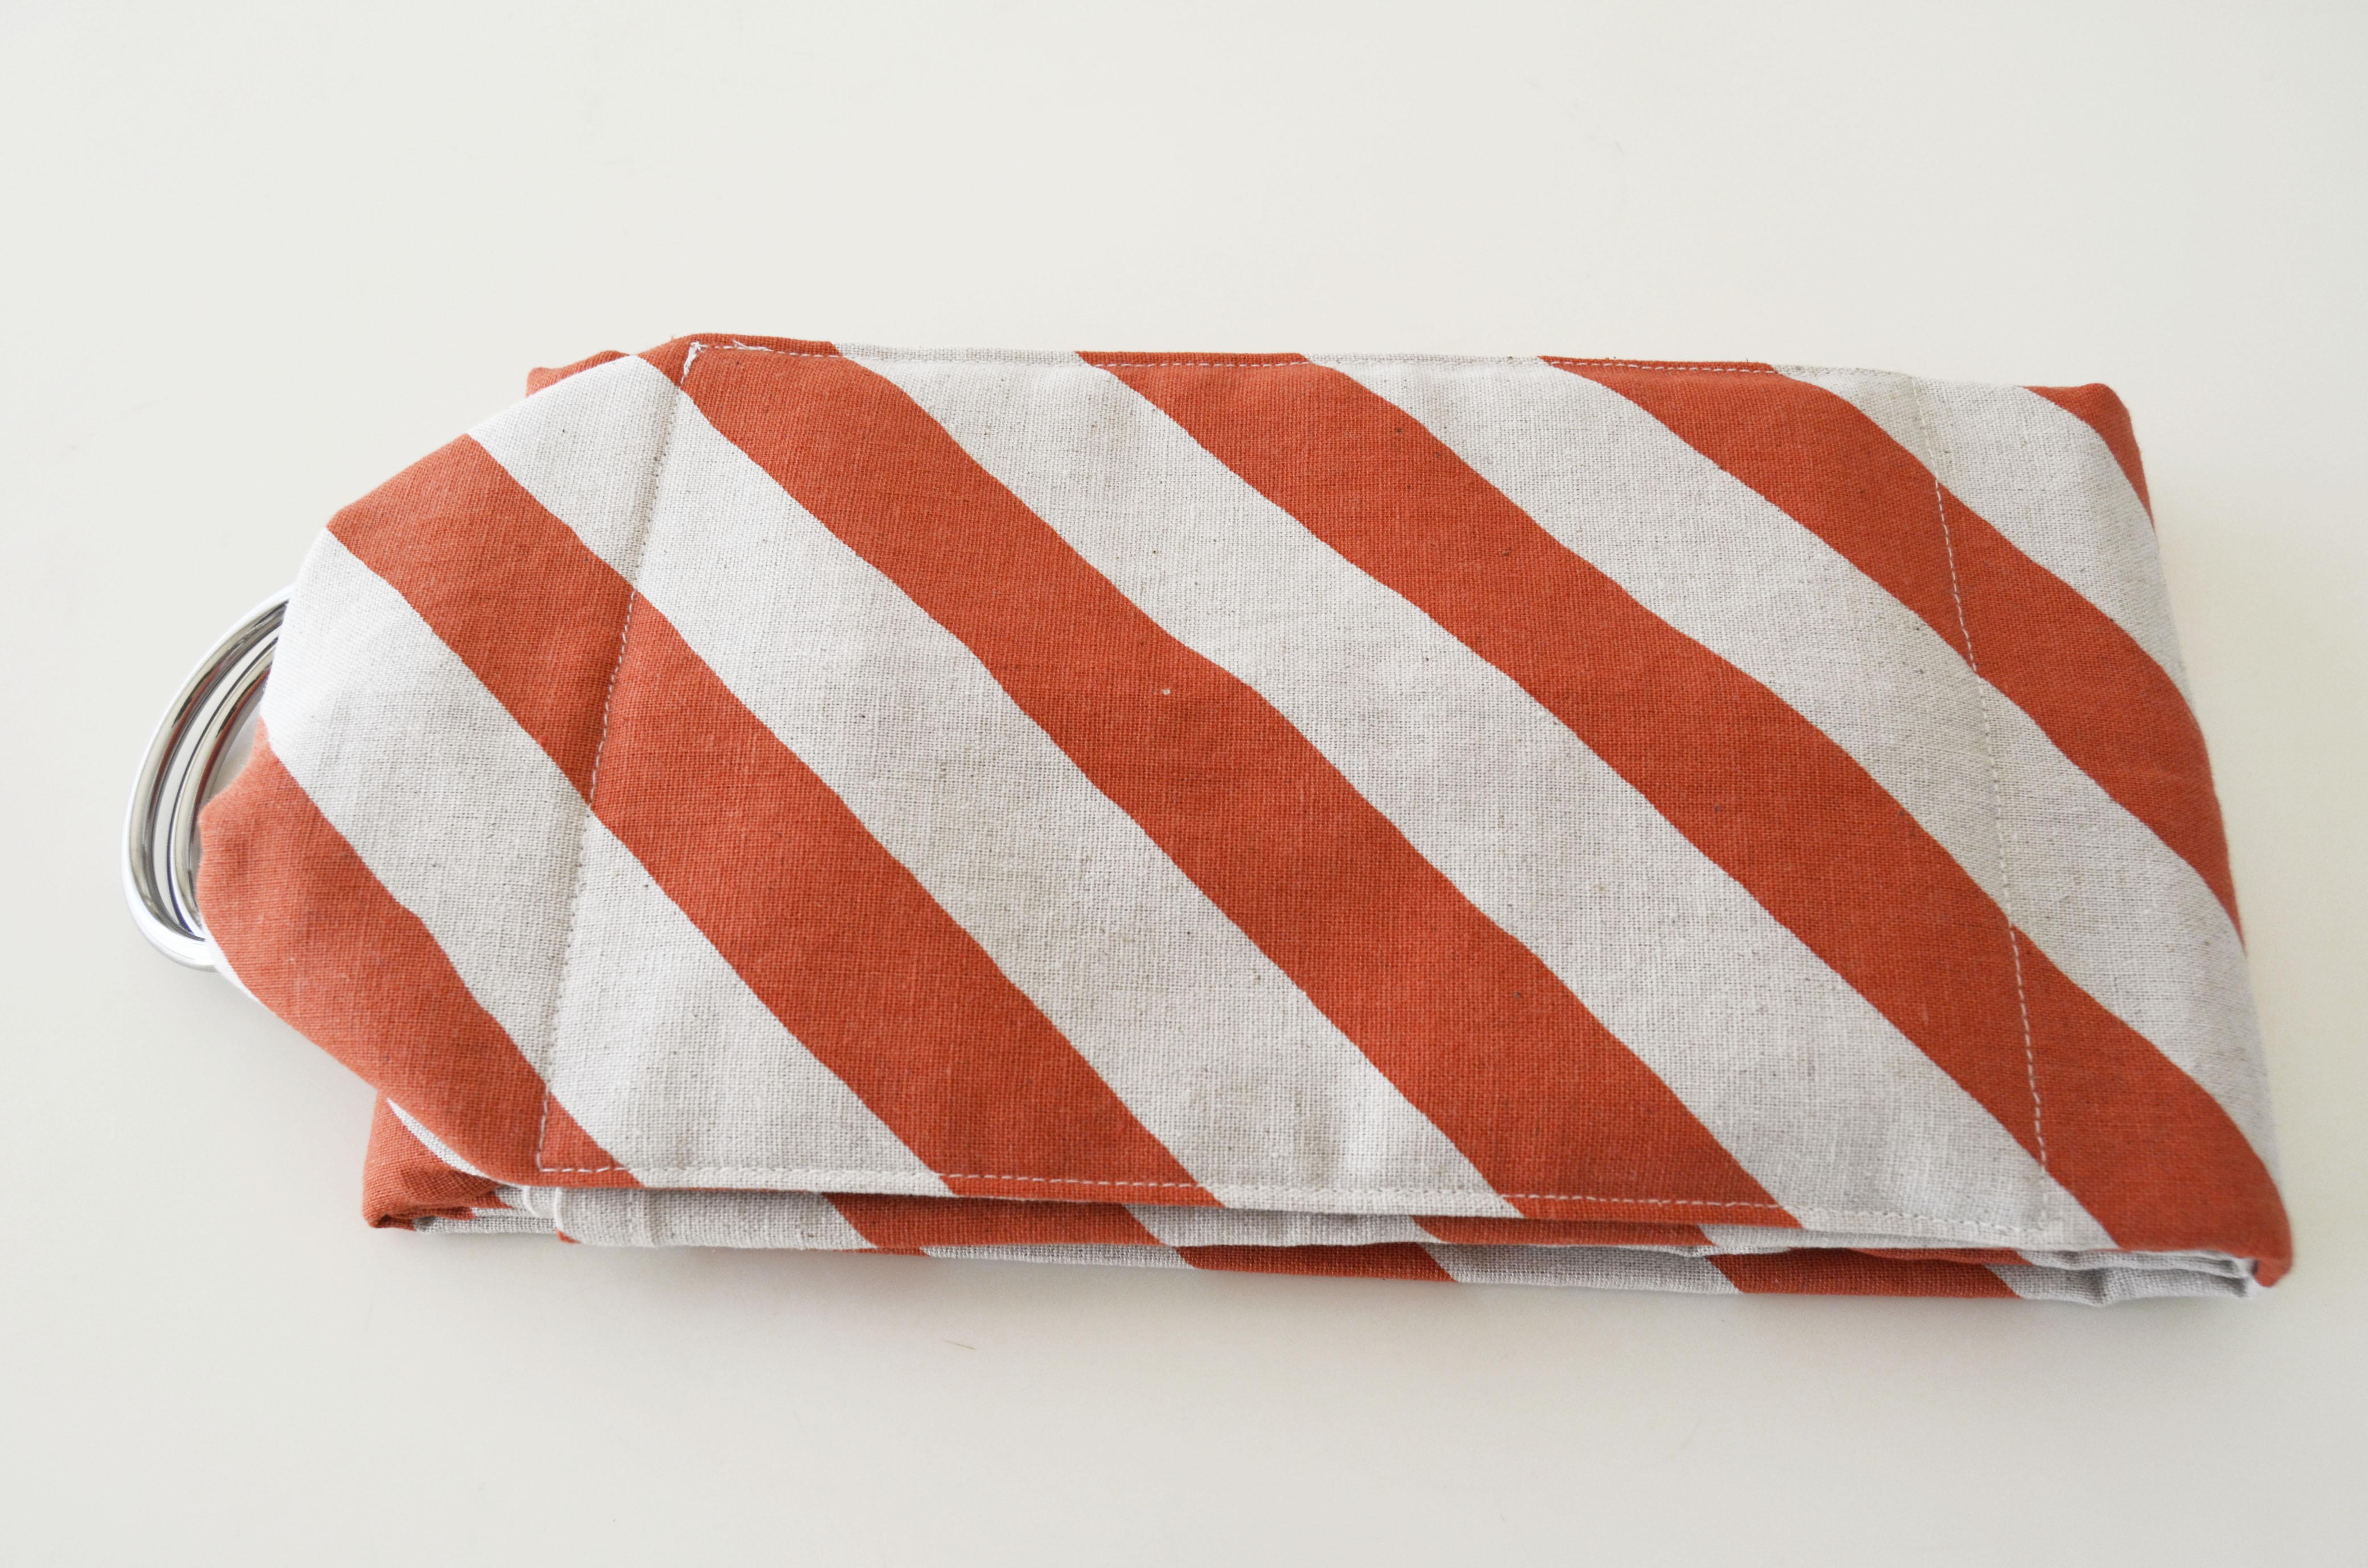 丸洗いできるベビースリング・日本製コットンリネン・オレンジ斜めボーダー